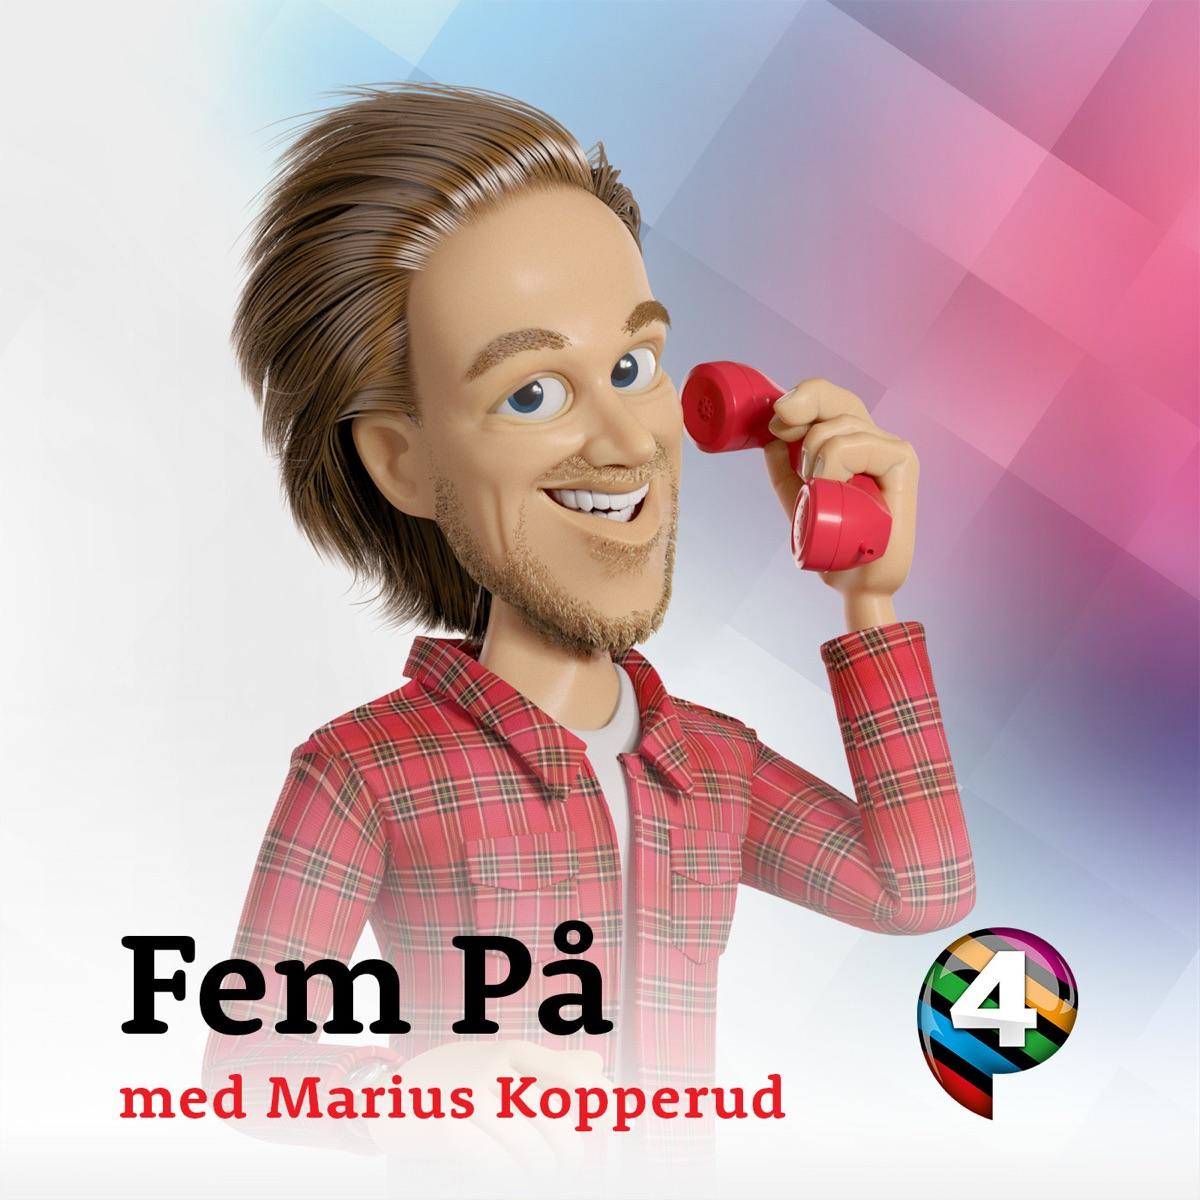 FEM PÅ - Inndragelse av sesongkort